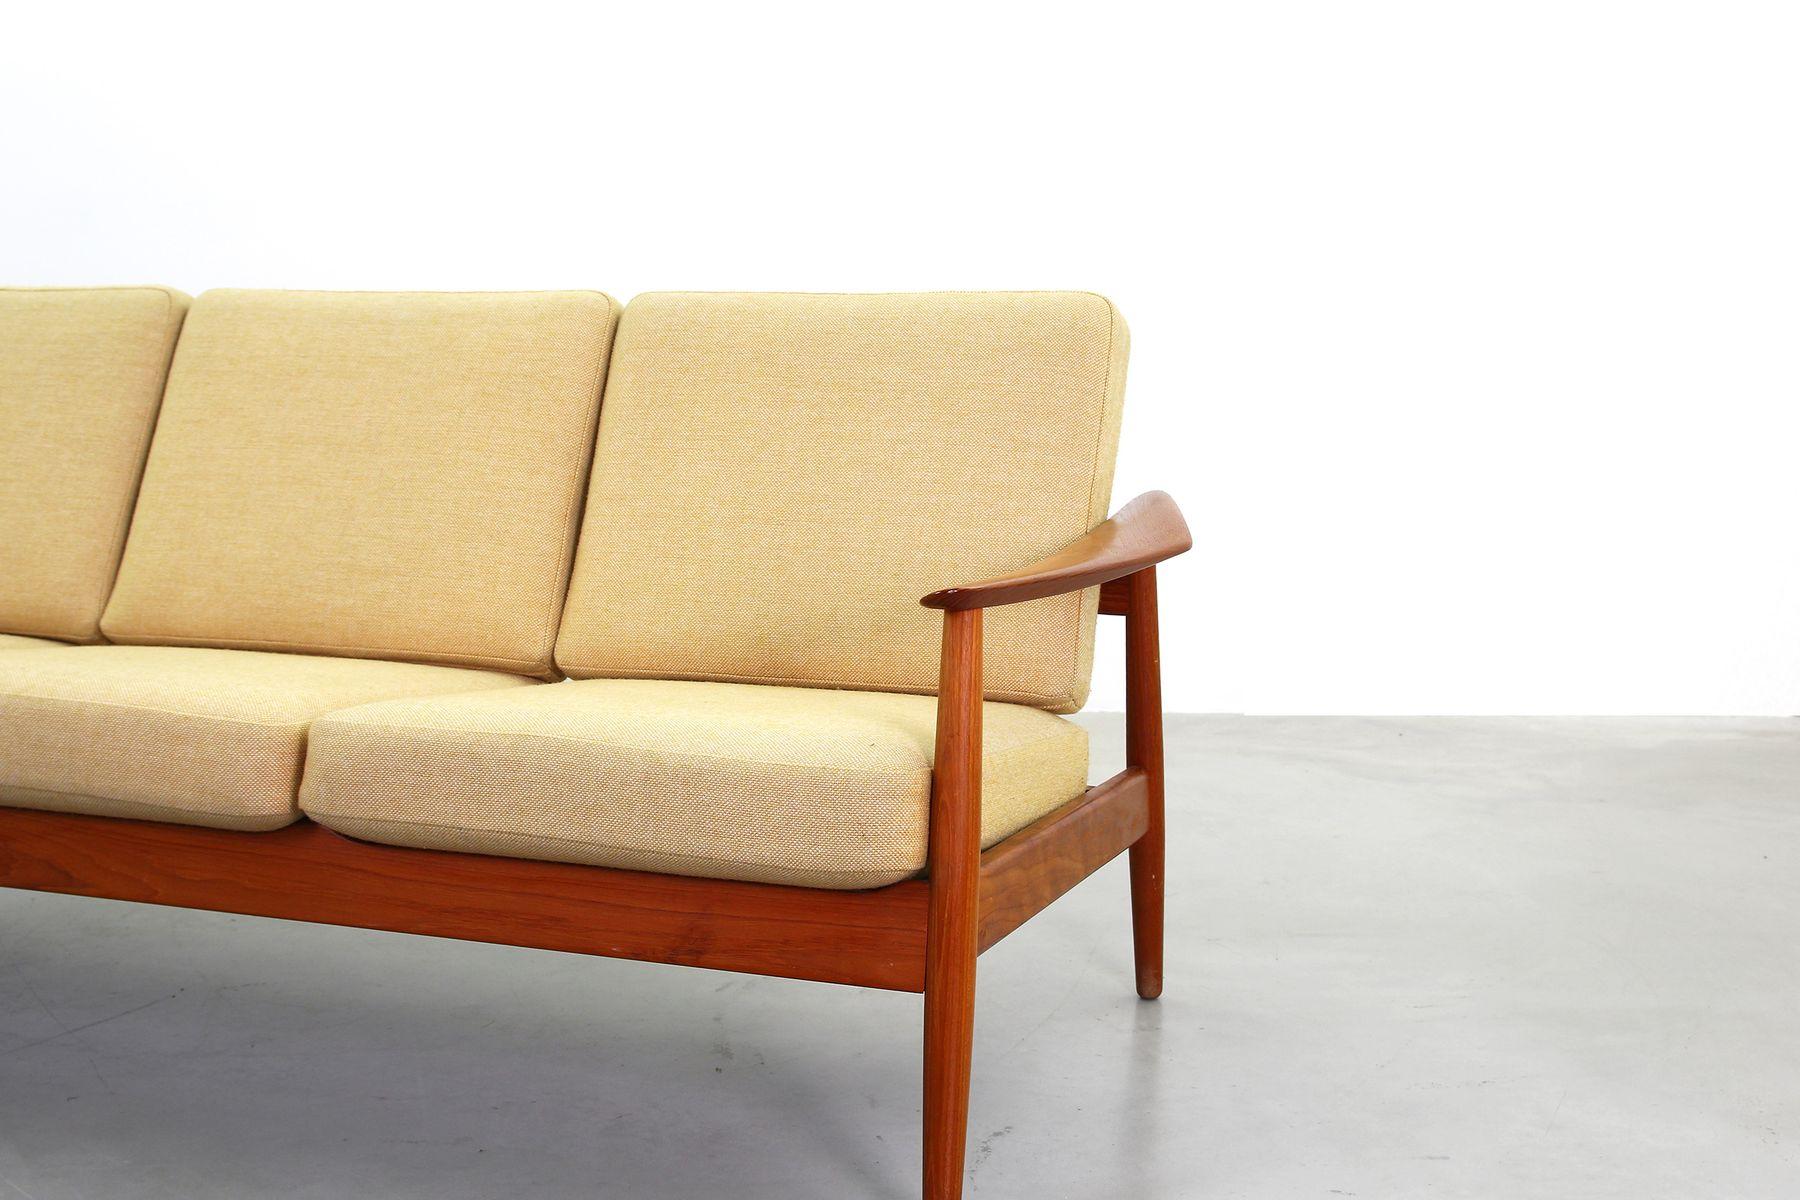 Mid Century Danish Teak Sofa By Arne Vodder For France S N 1960s For S